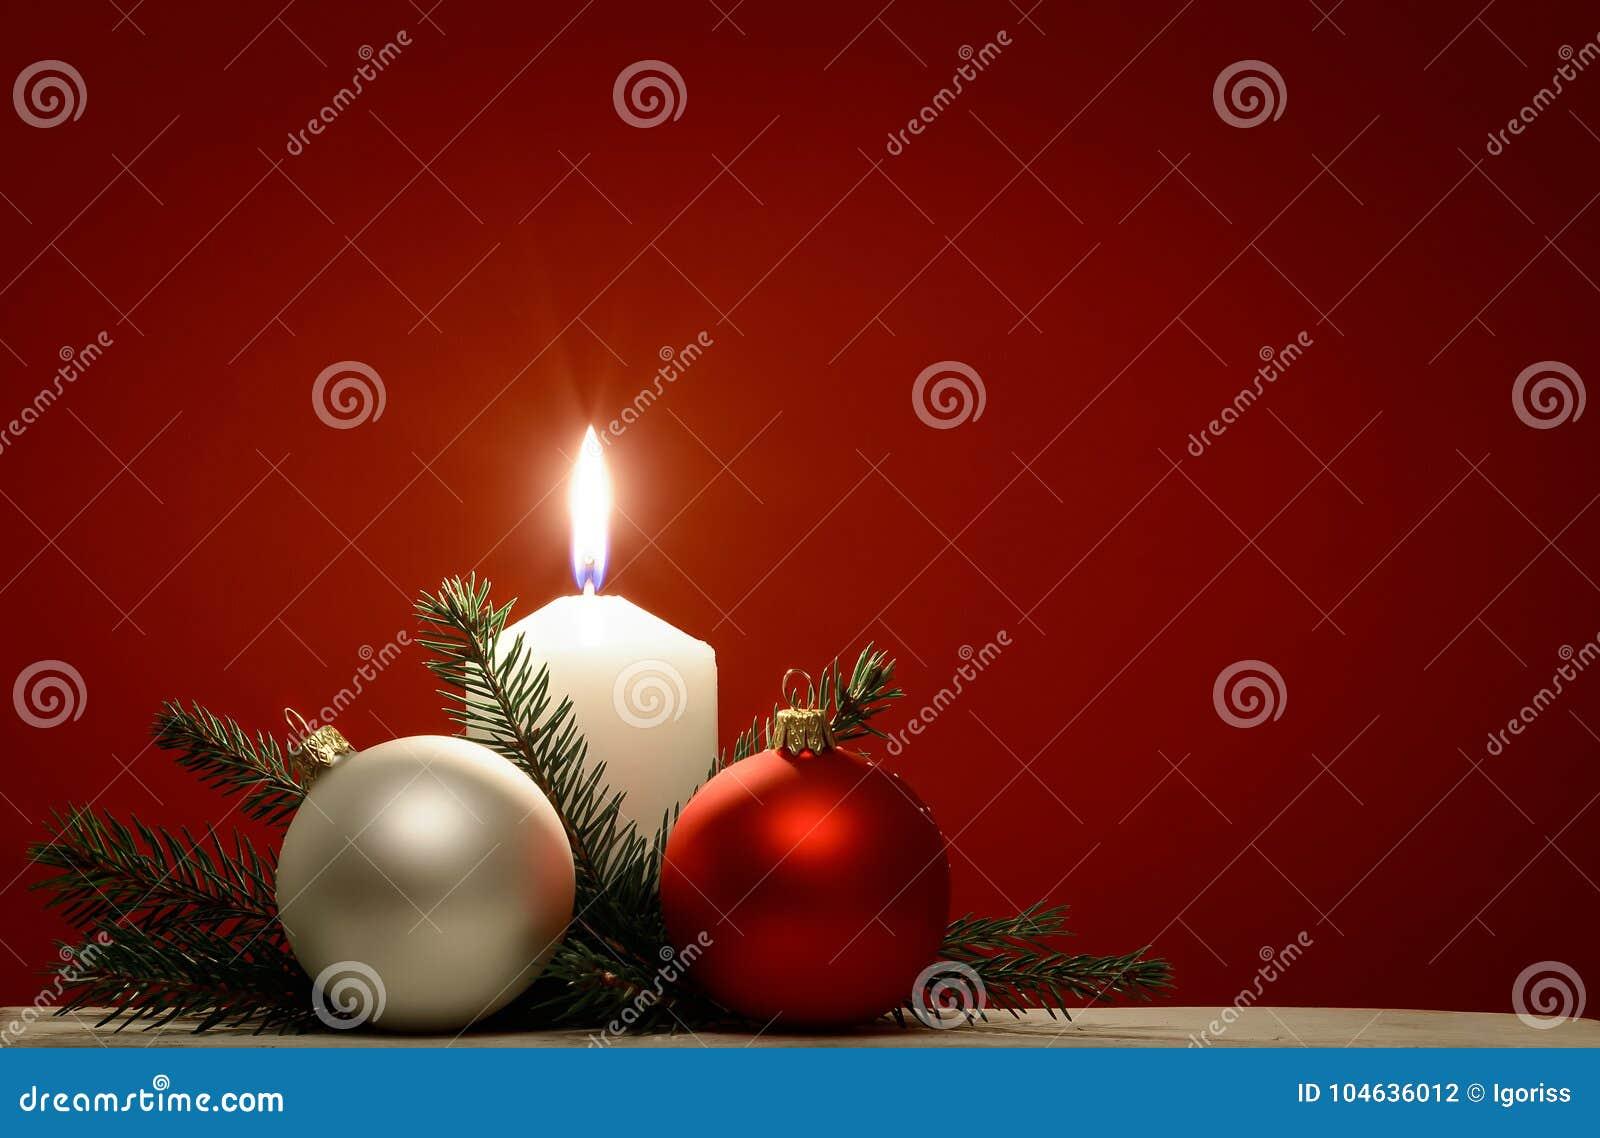 Download Kerstmisachtergrond Met Witte Brandende Kaars Stock Foto - Afbeelding bestaande uit vakantie, decoratie: 104636012